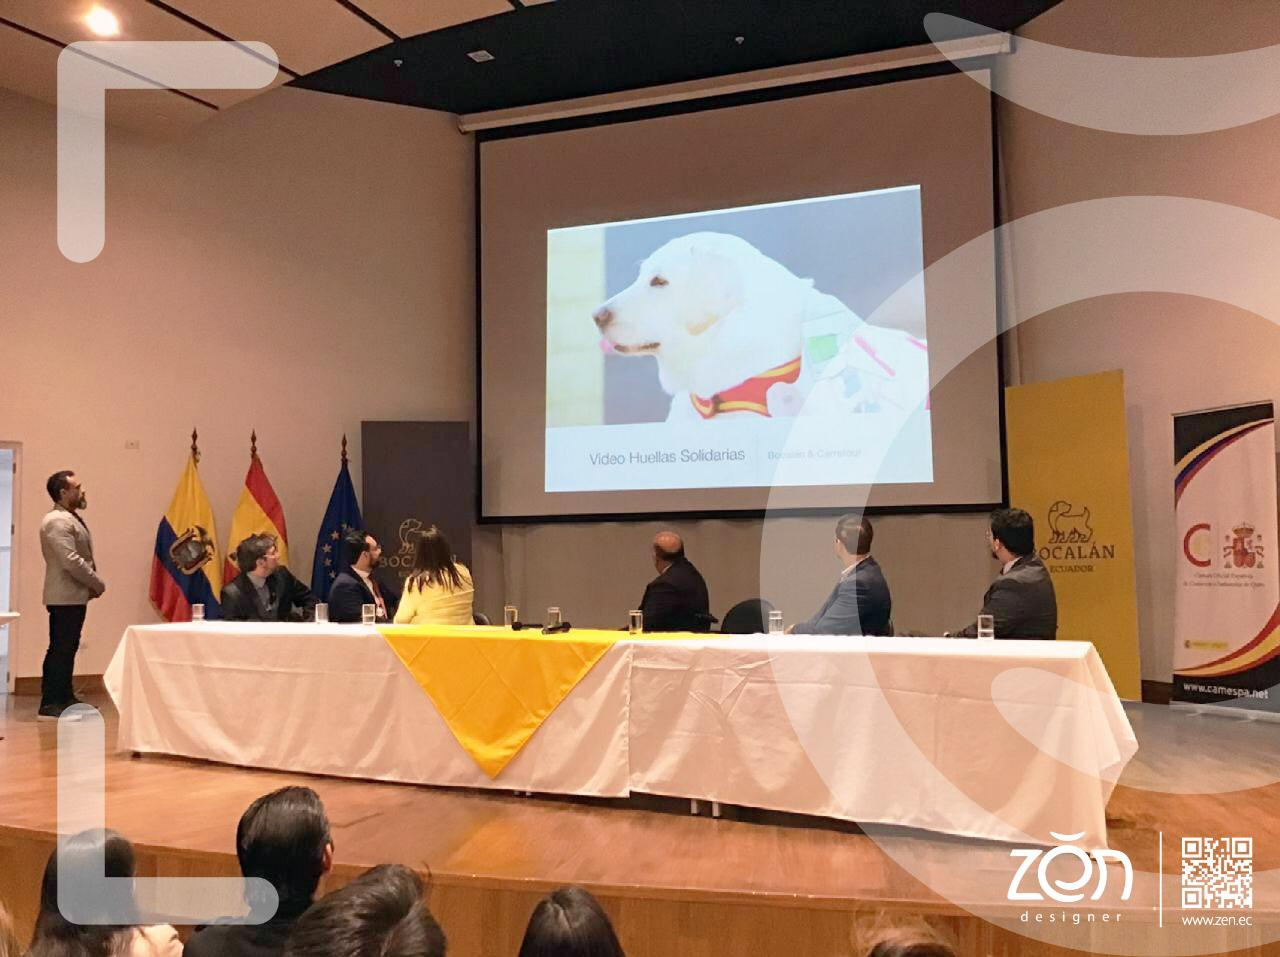 Recuerdos de la presentación en Quito